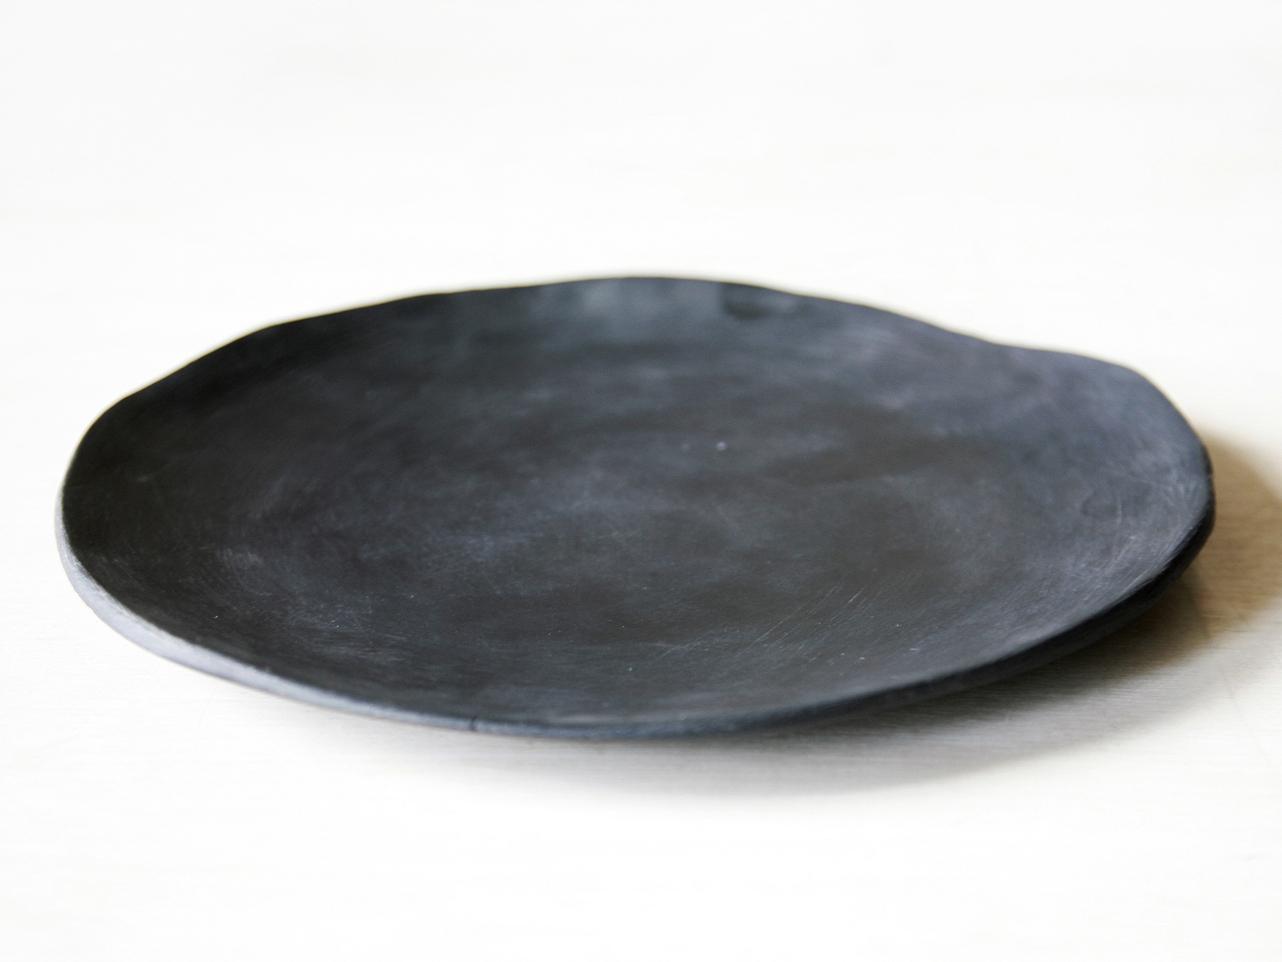 ТарелкаТарелки<br>Тарелка мелкая, гладкая, с неровными краями и матовым покрытием. Изготавливается вручную. Изделие может несущественно отличаться от показанного на фото. Уход стандартный.<br><br>Material: Керамика<br>Высота см: 1